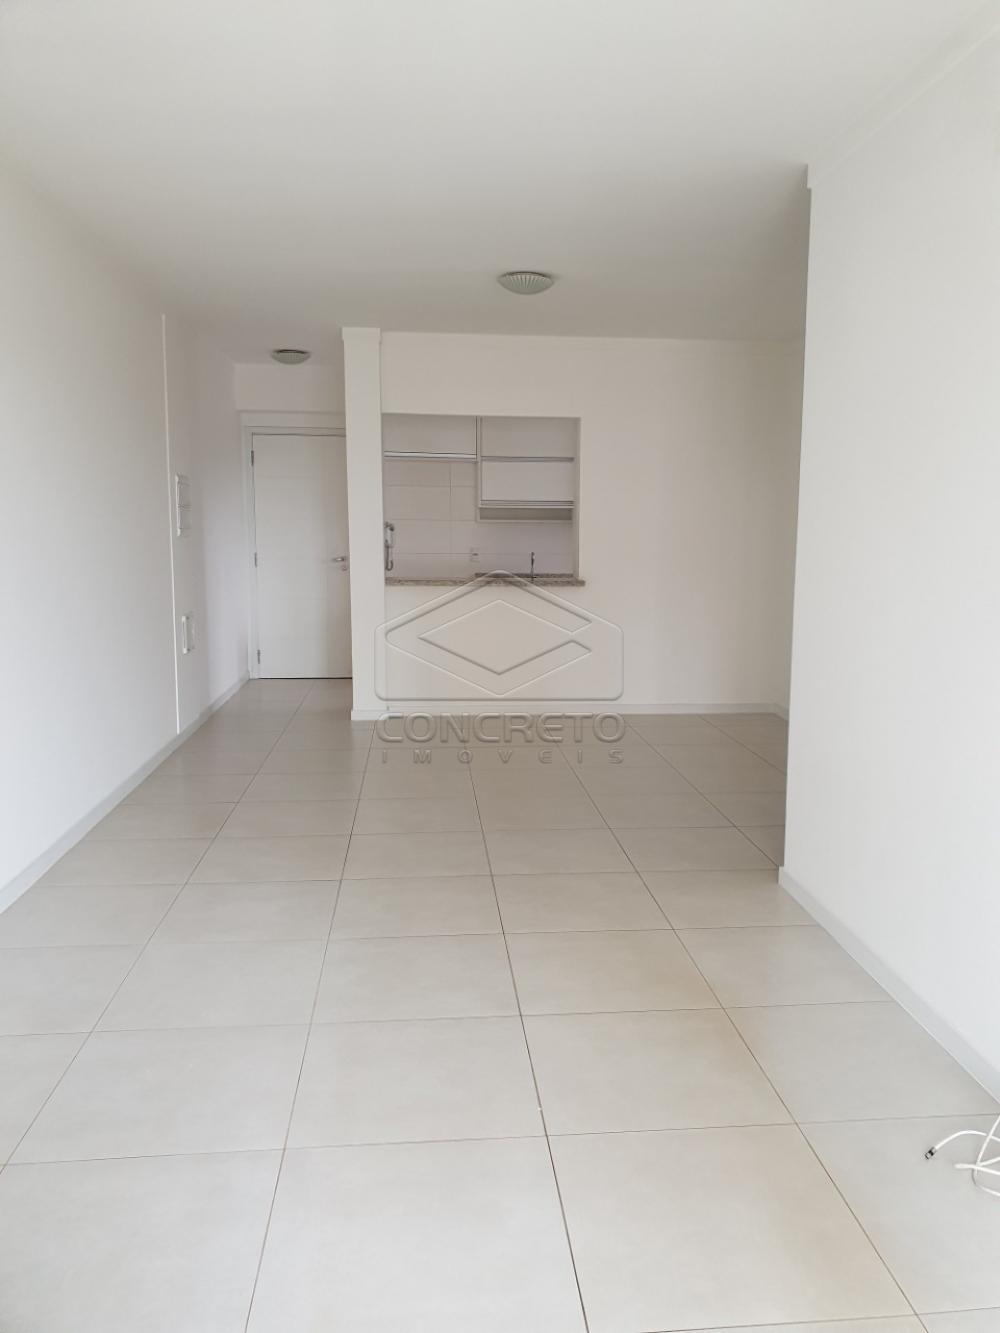 Alugar Apartamento / Padrão em Bauru R$ 2.200,00 - Foto 5